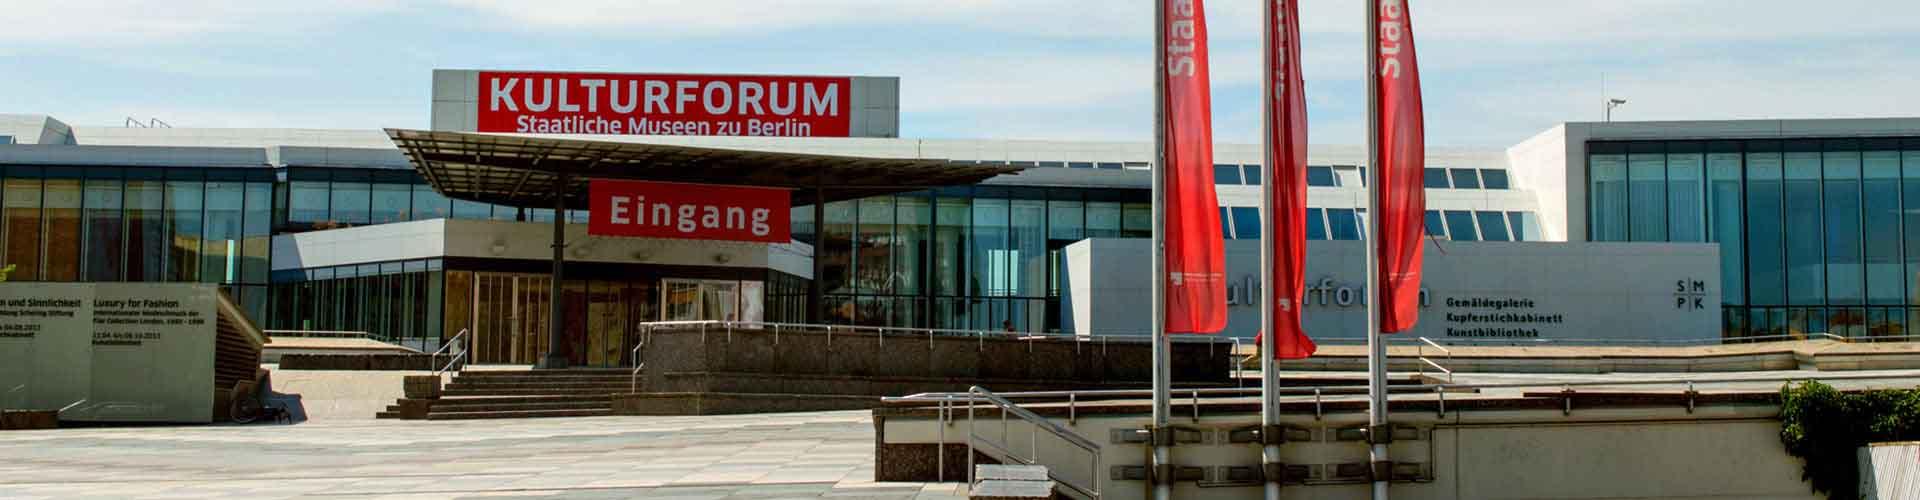 Berlin - Auberges de jeunesse près de Gemäldegalerie. Cartes pour Berlin, photos et commentaires pour chaque auberge de jeunesse à Berlin.